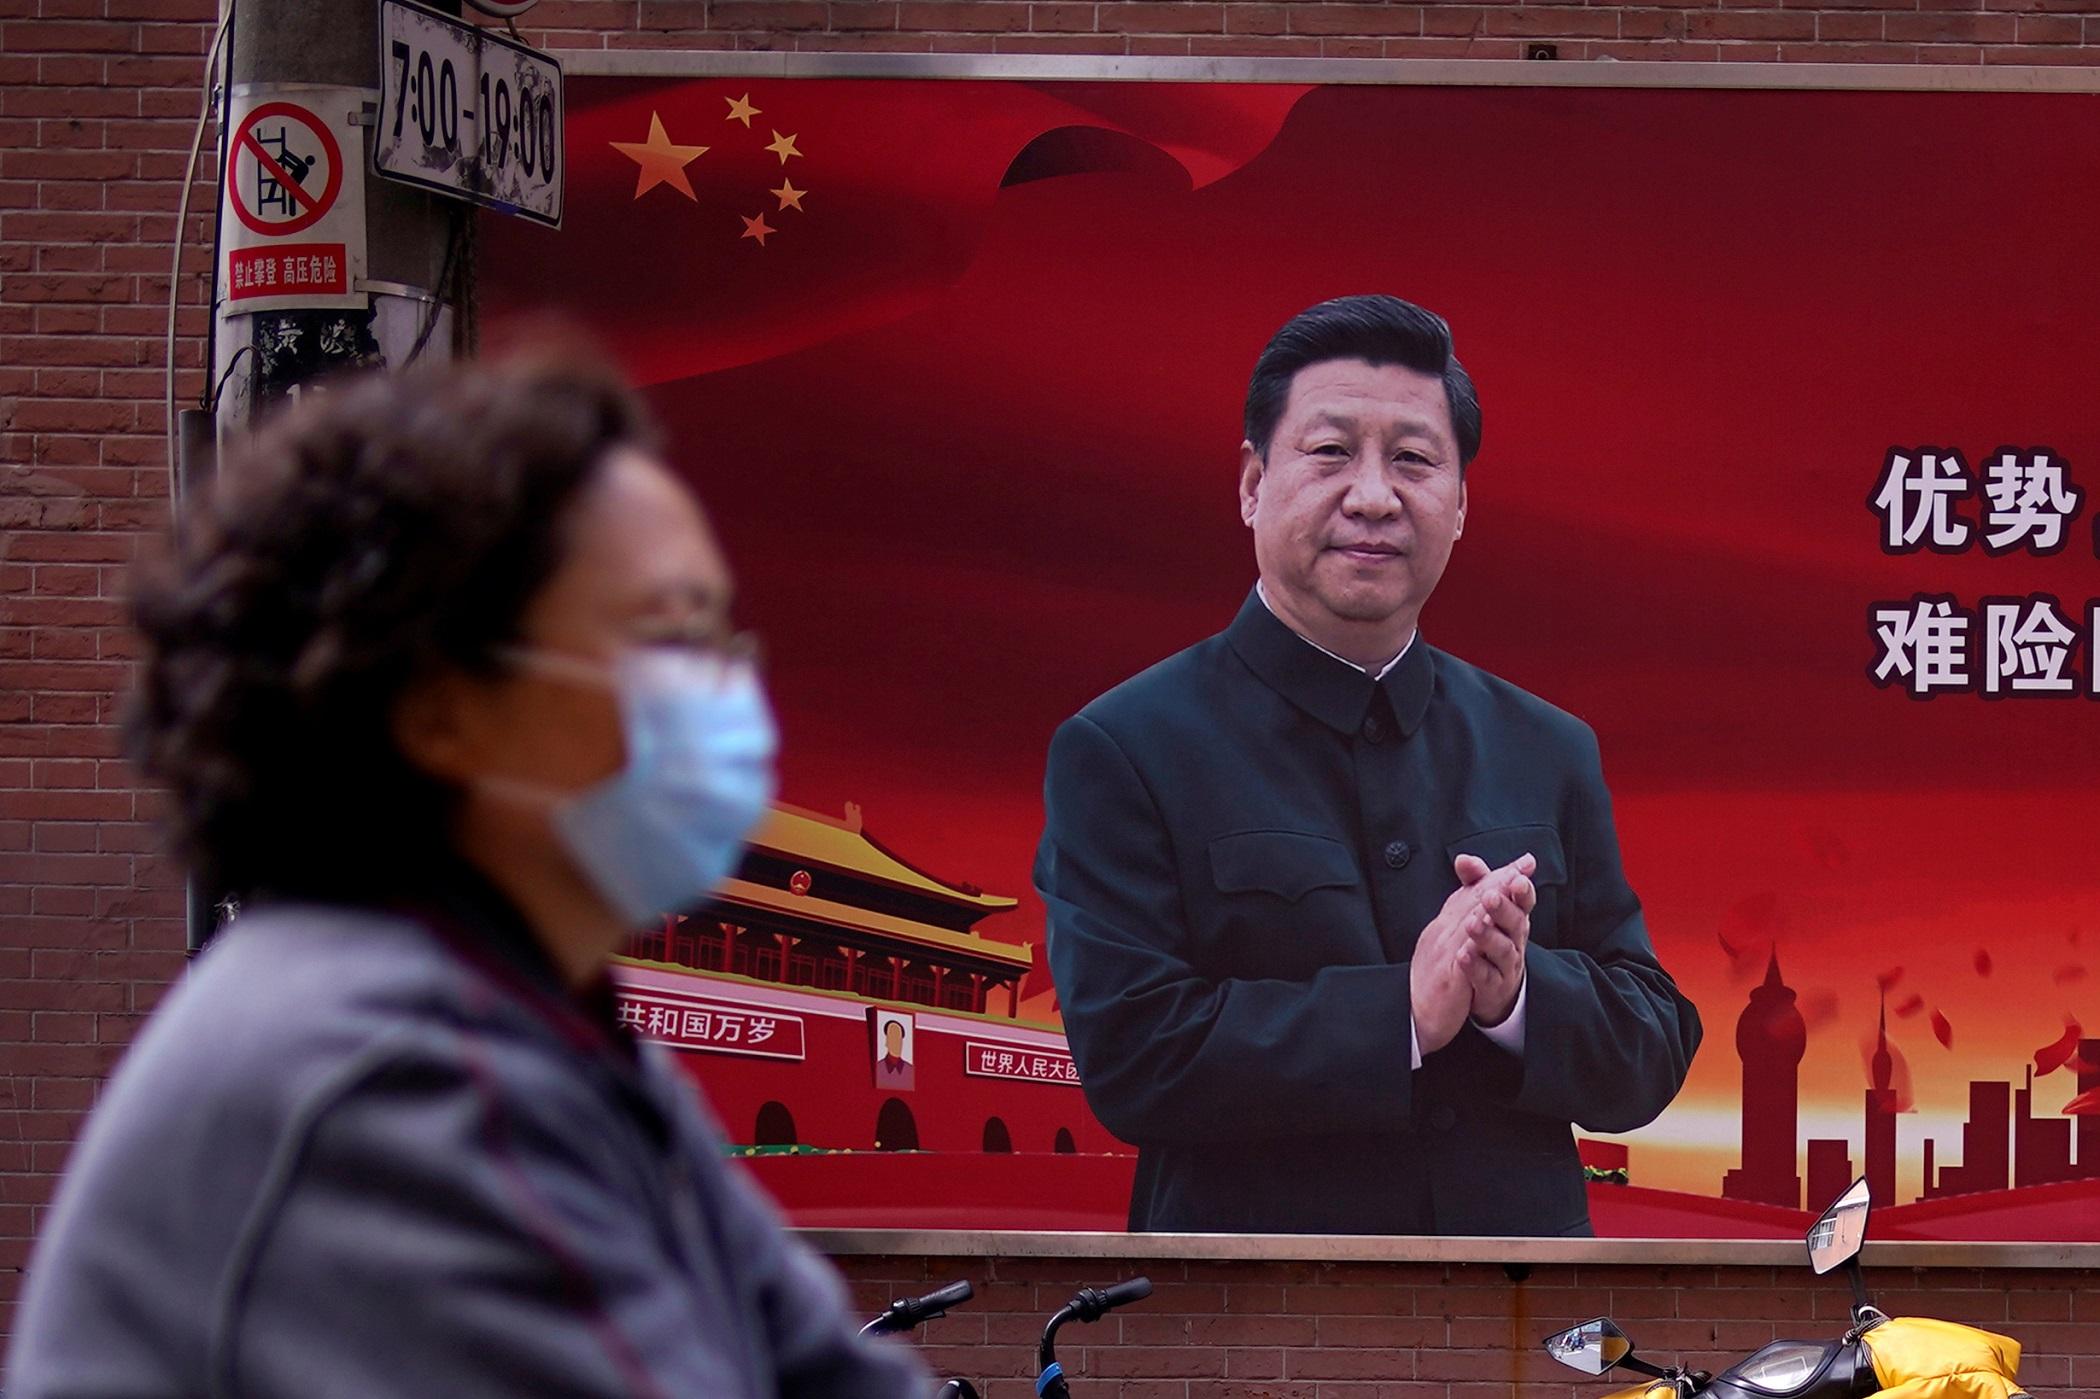 Amina Crisma: Verso un'egemonia incontrastata della Grande Narrazione del governo cinese? Un episodio istruttivo su Omnibus della Sette